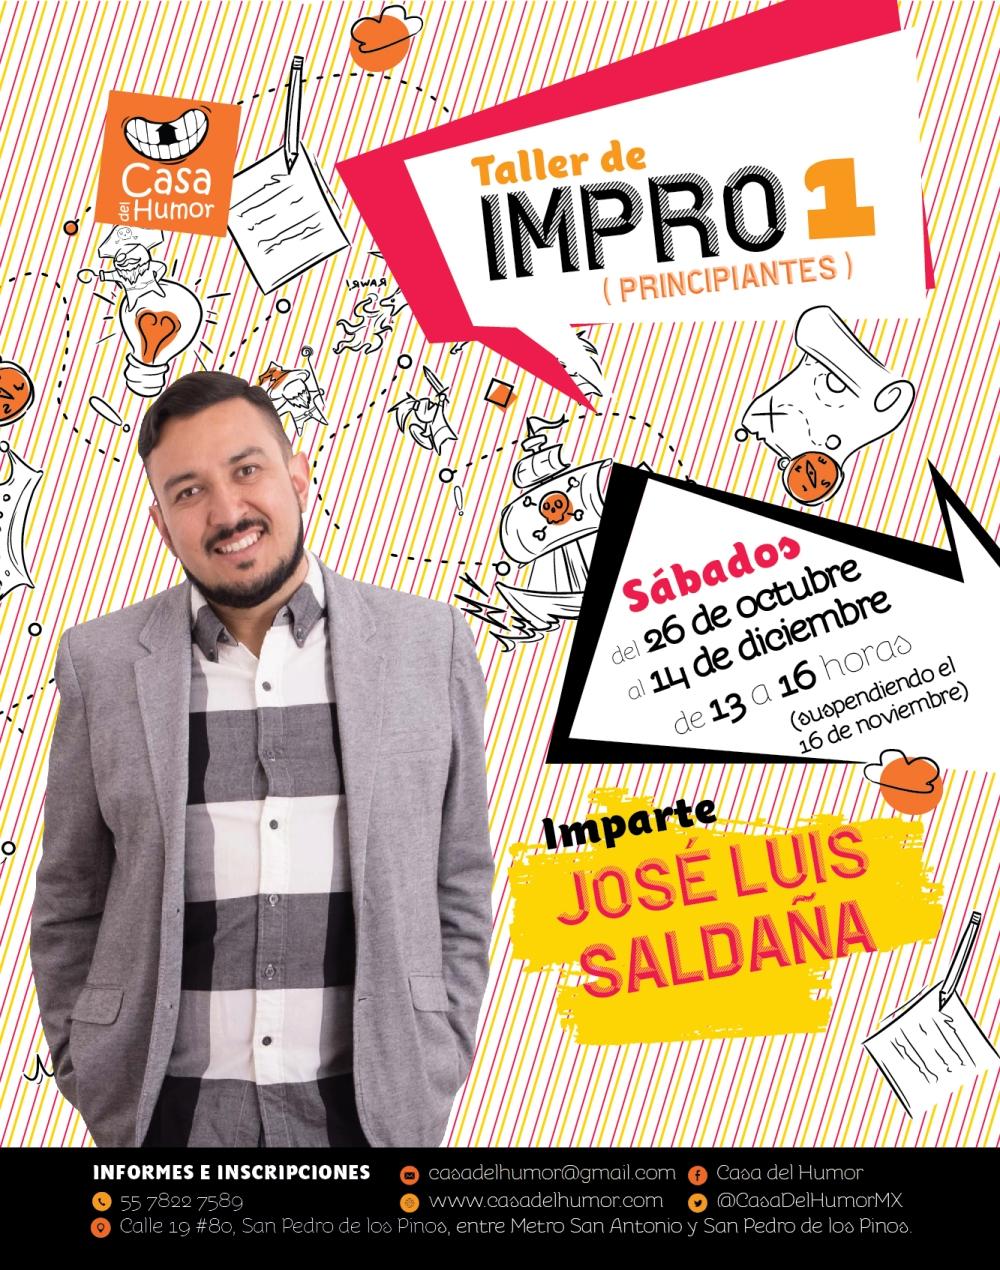 Casa_del_humor_impro1_joseluis_saldaña-01 (2)